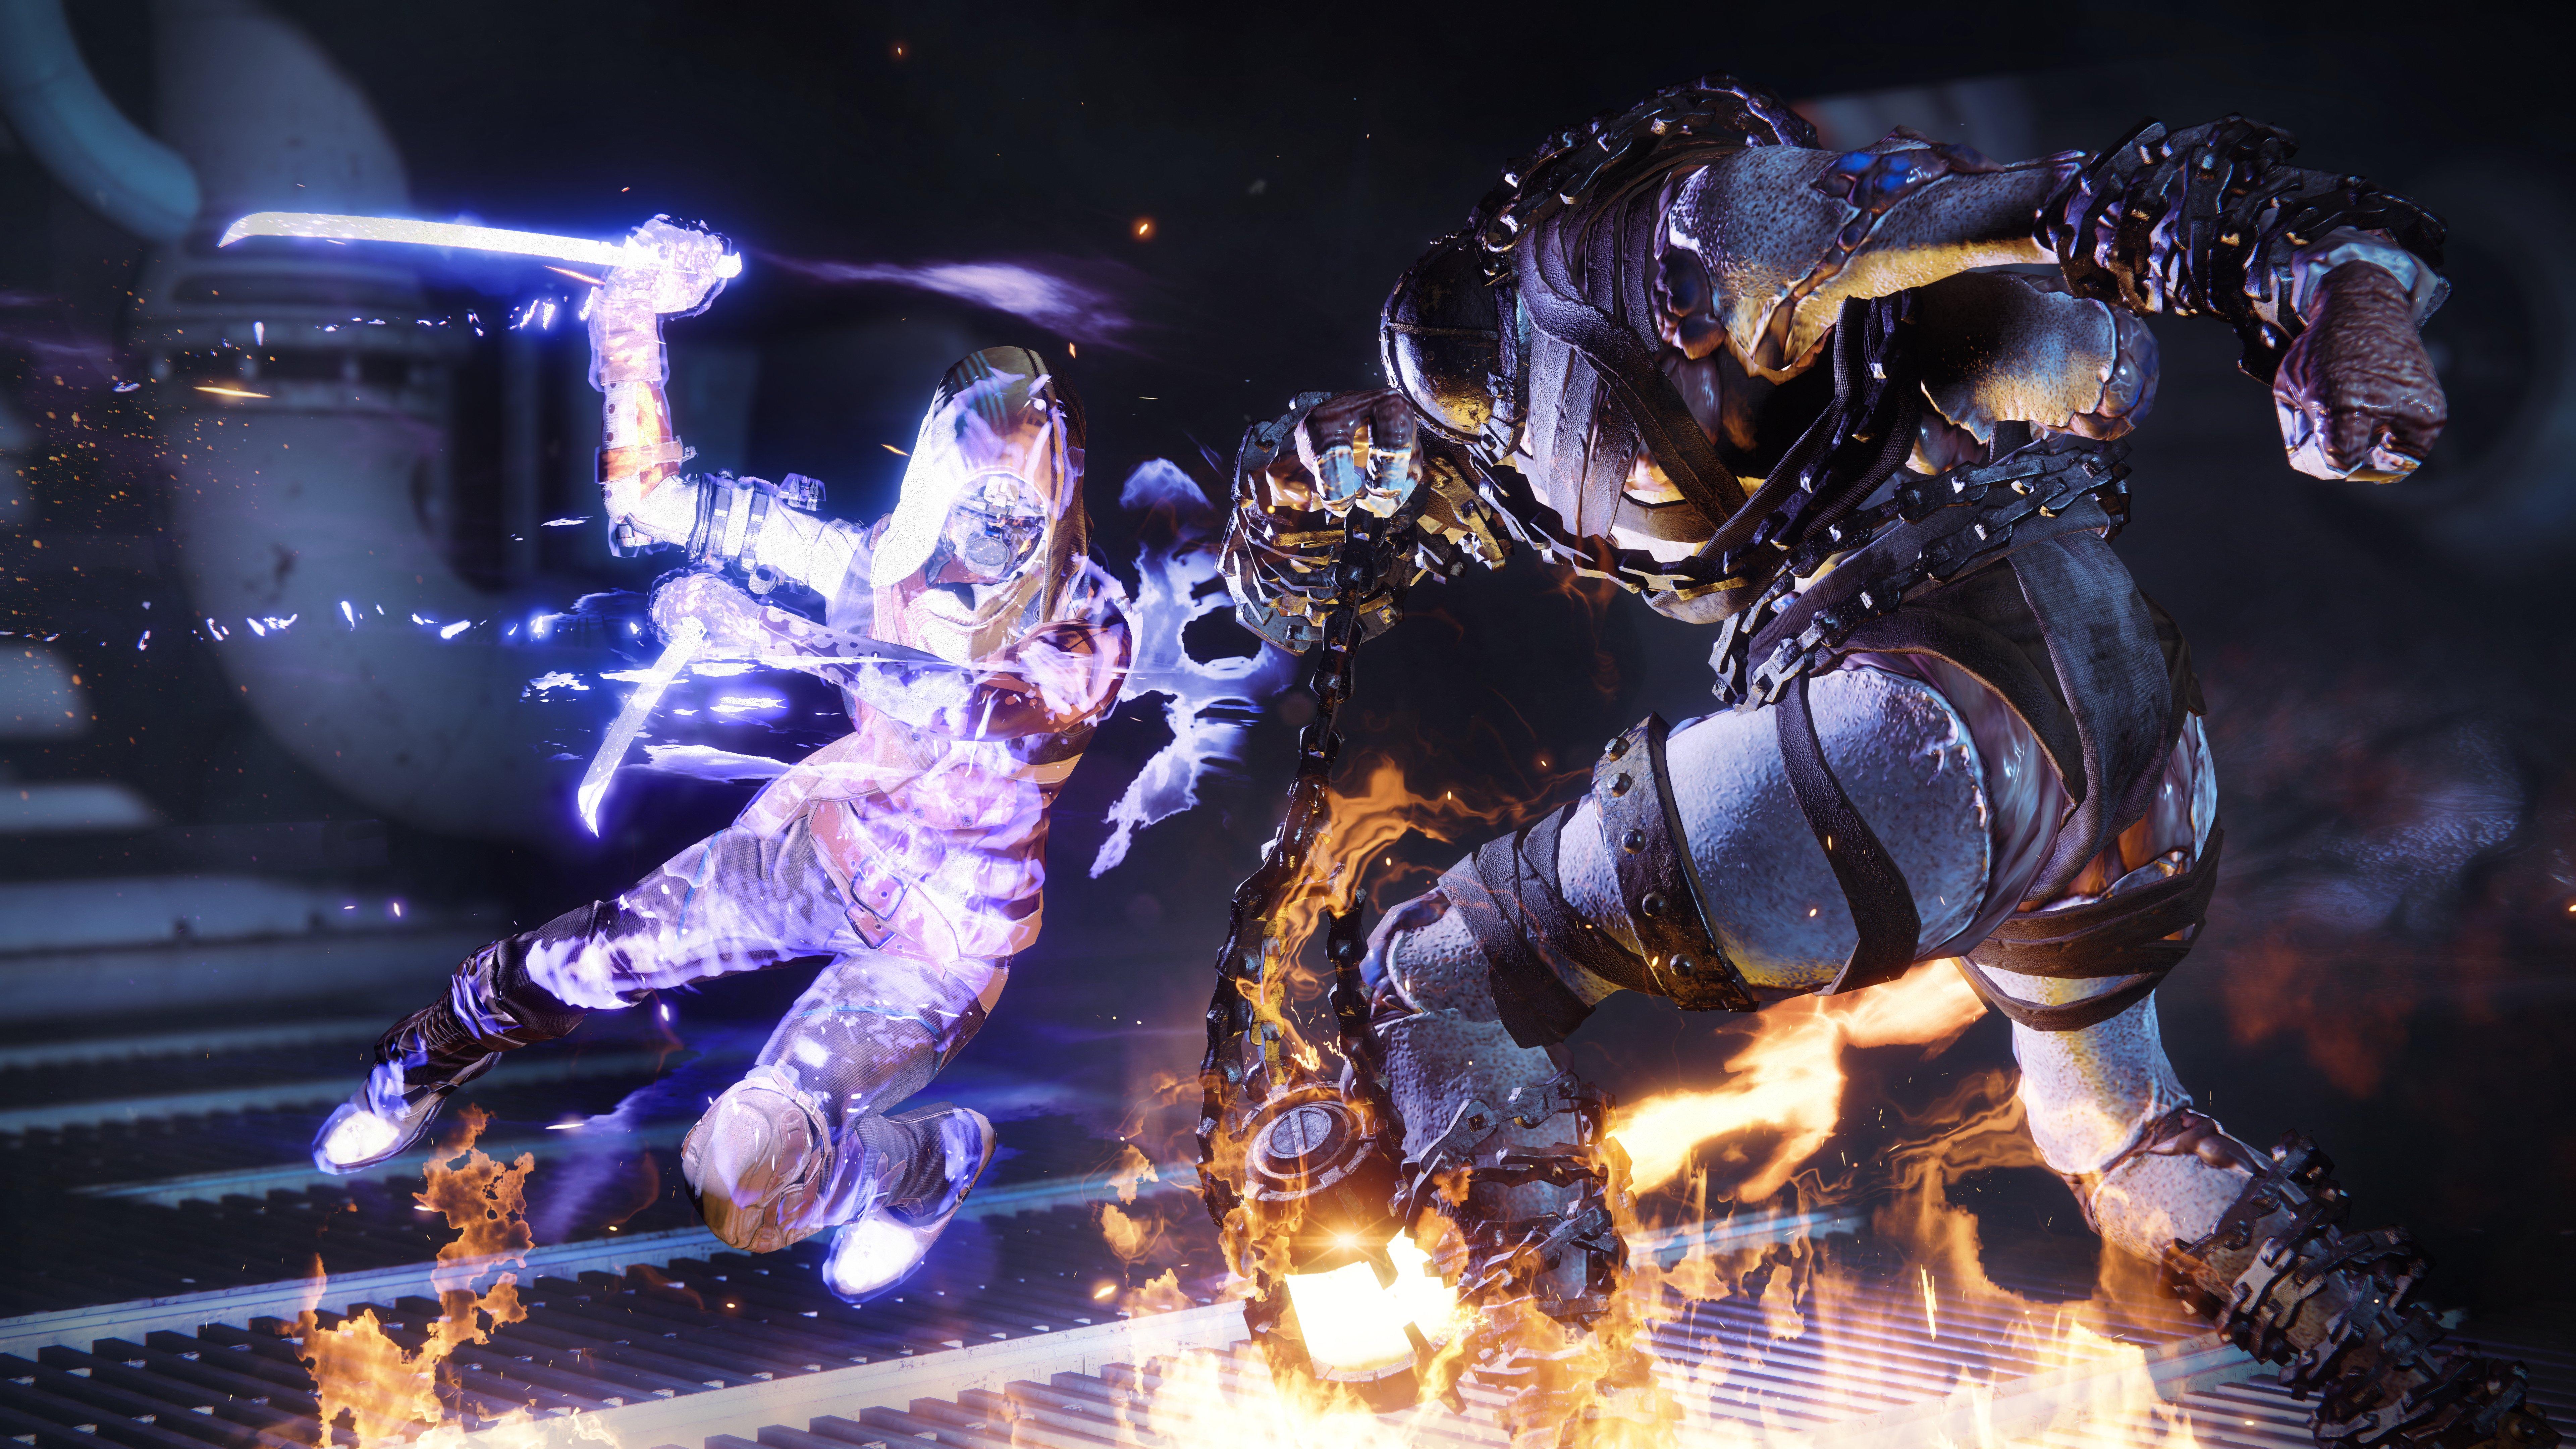 Forsaken expansion - Destiny 2 8K